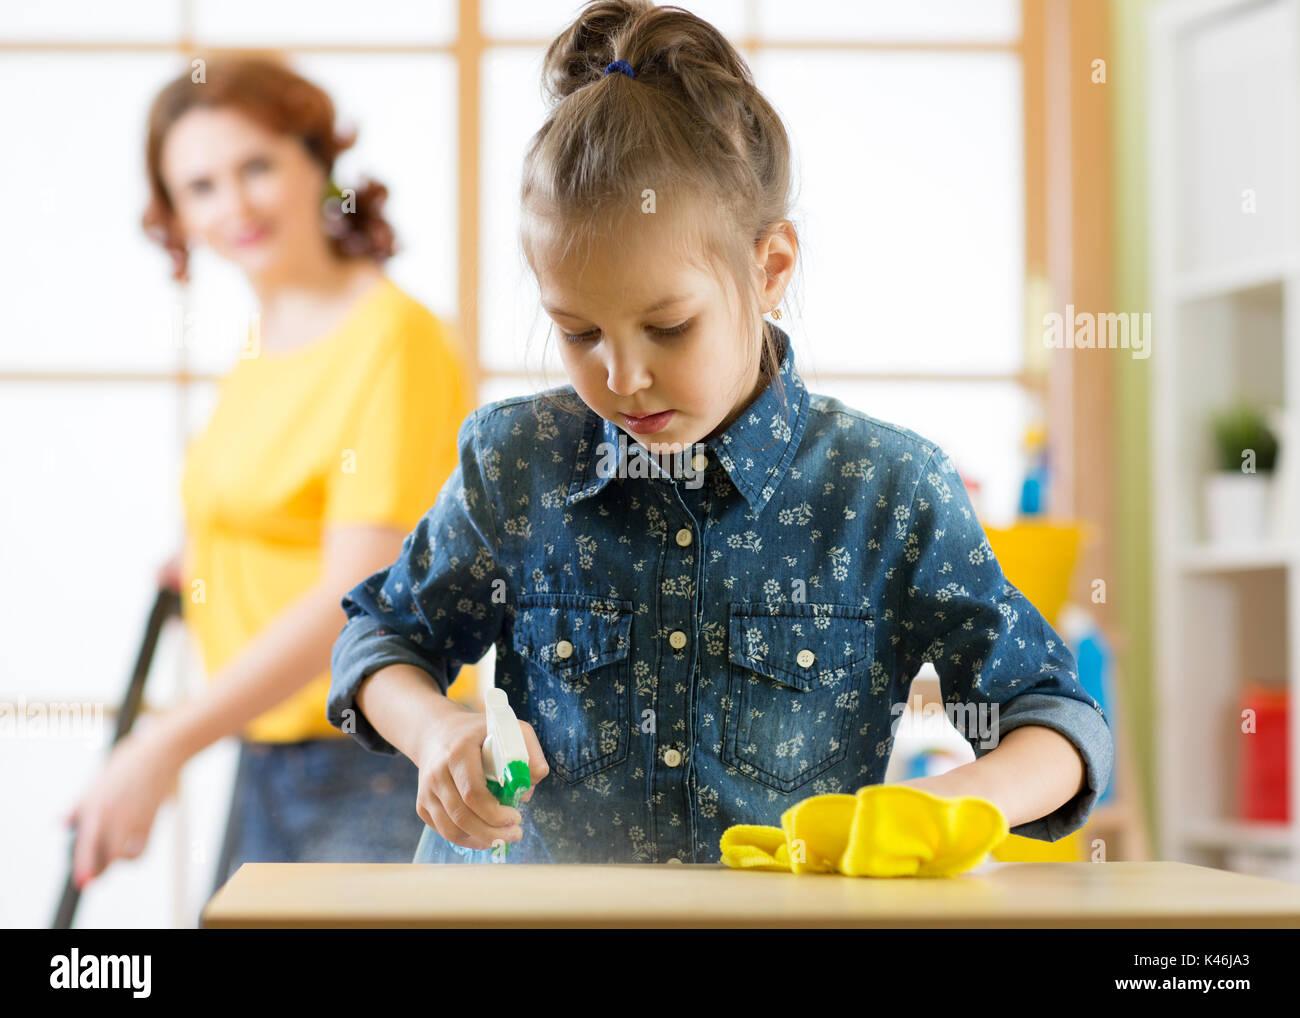 Famille heureuse nettoie la chambre. Mère et son enfant fille faire le nettoyage dans la maison. Une femme et un petit enfant fille essuya la poussière aspirée et th Photo Stock